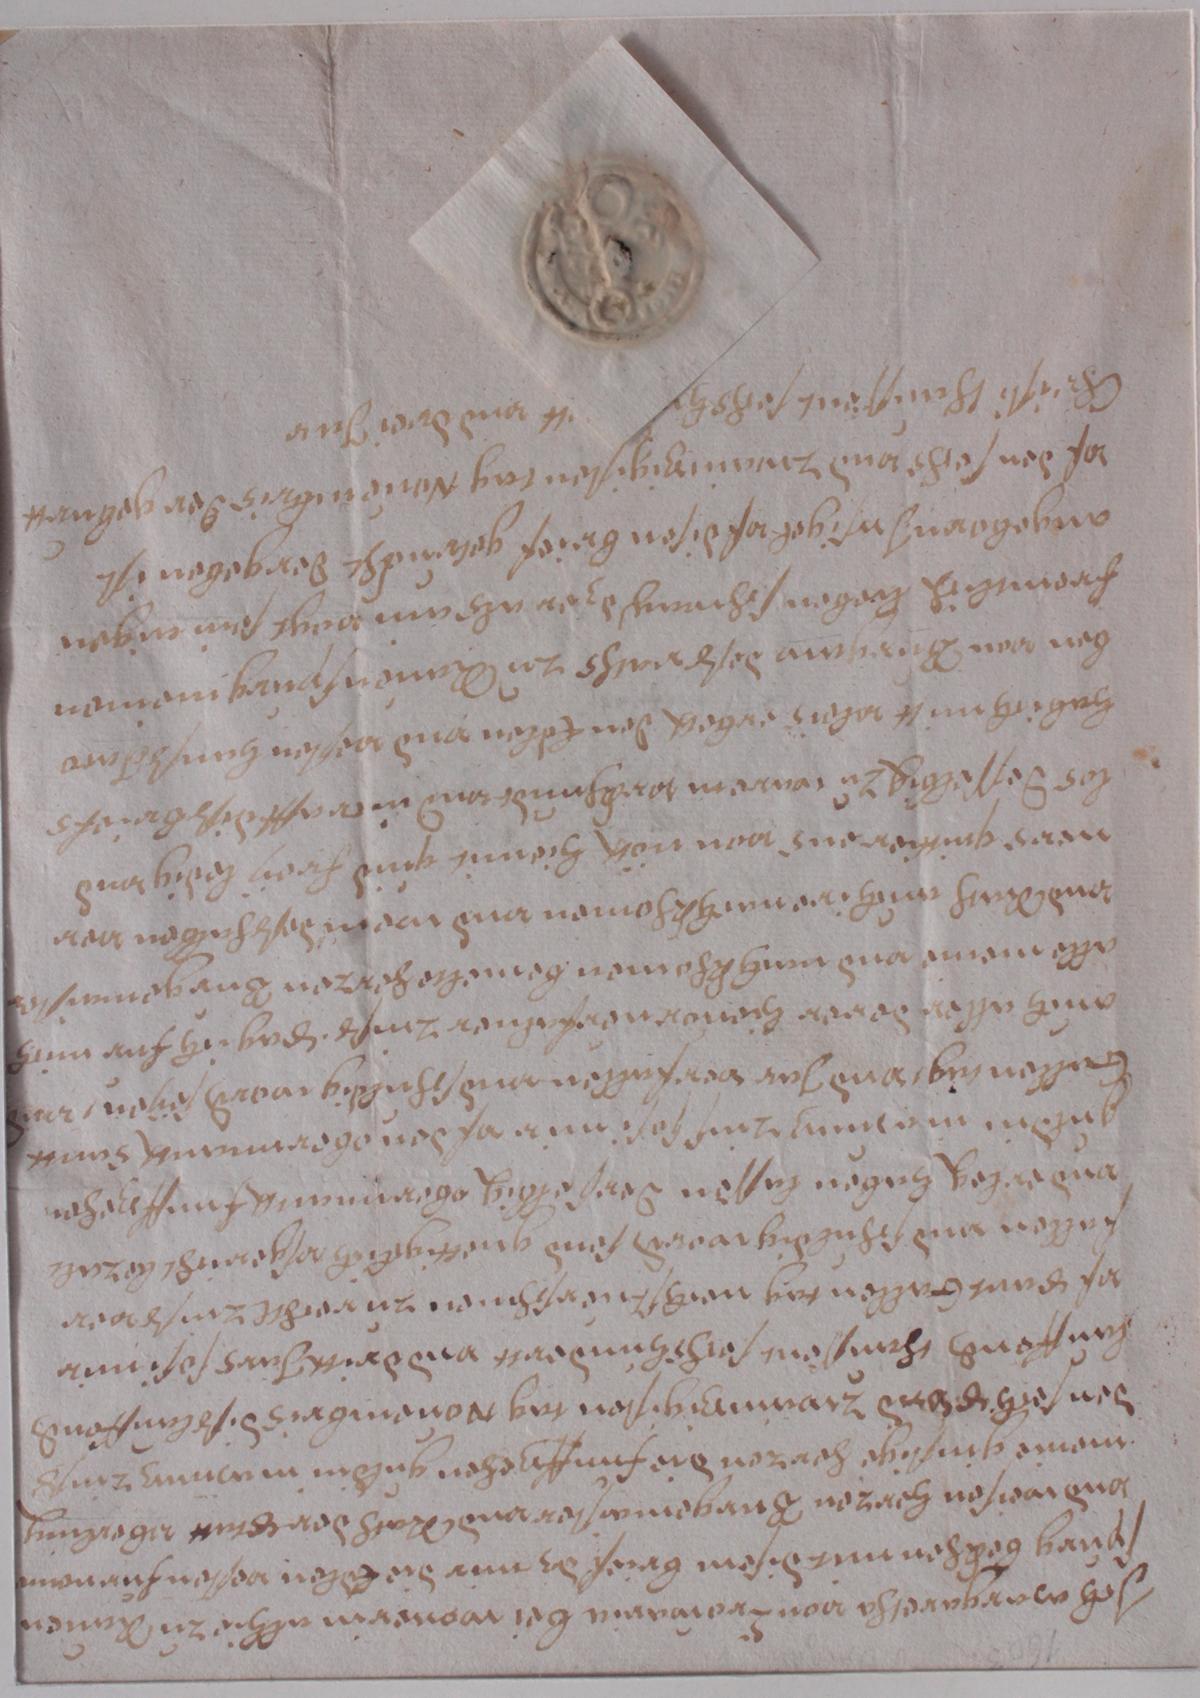 Samlung Altbriefe, Vorphilatelie, Meisterbrief und Dokumente-9